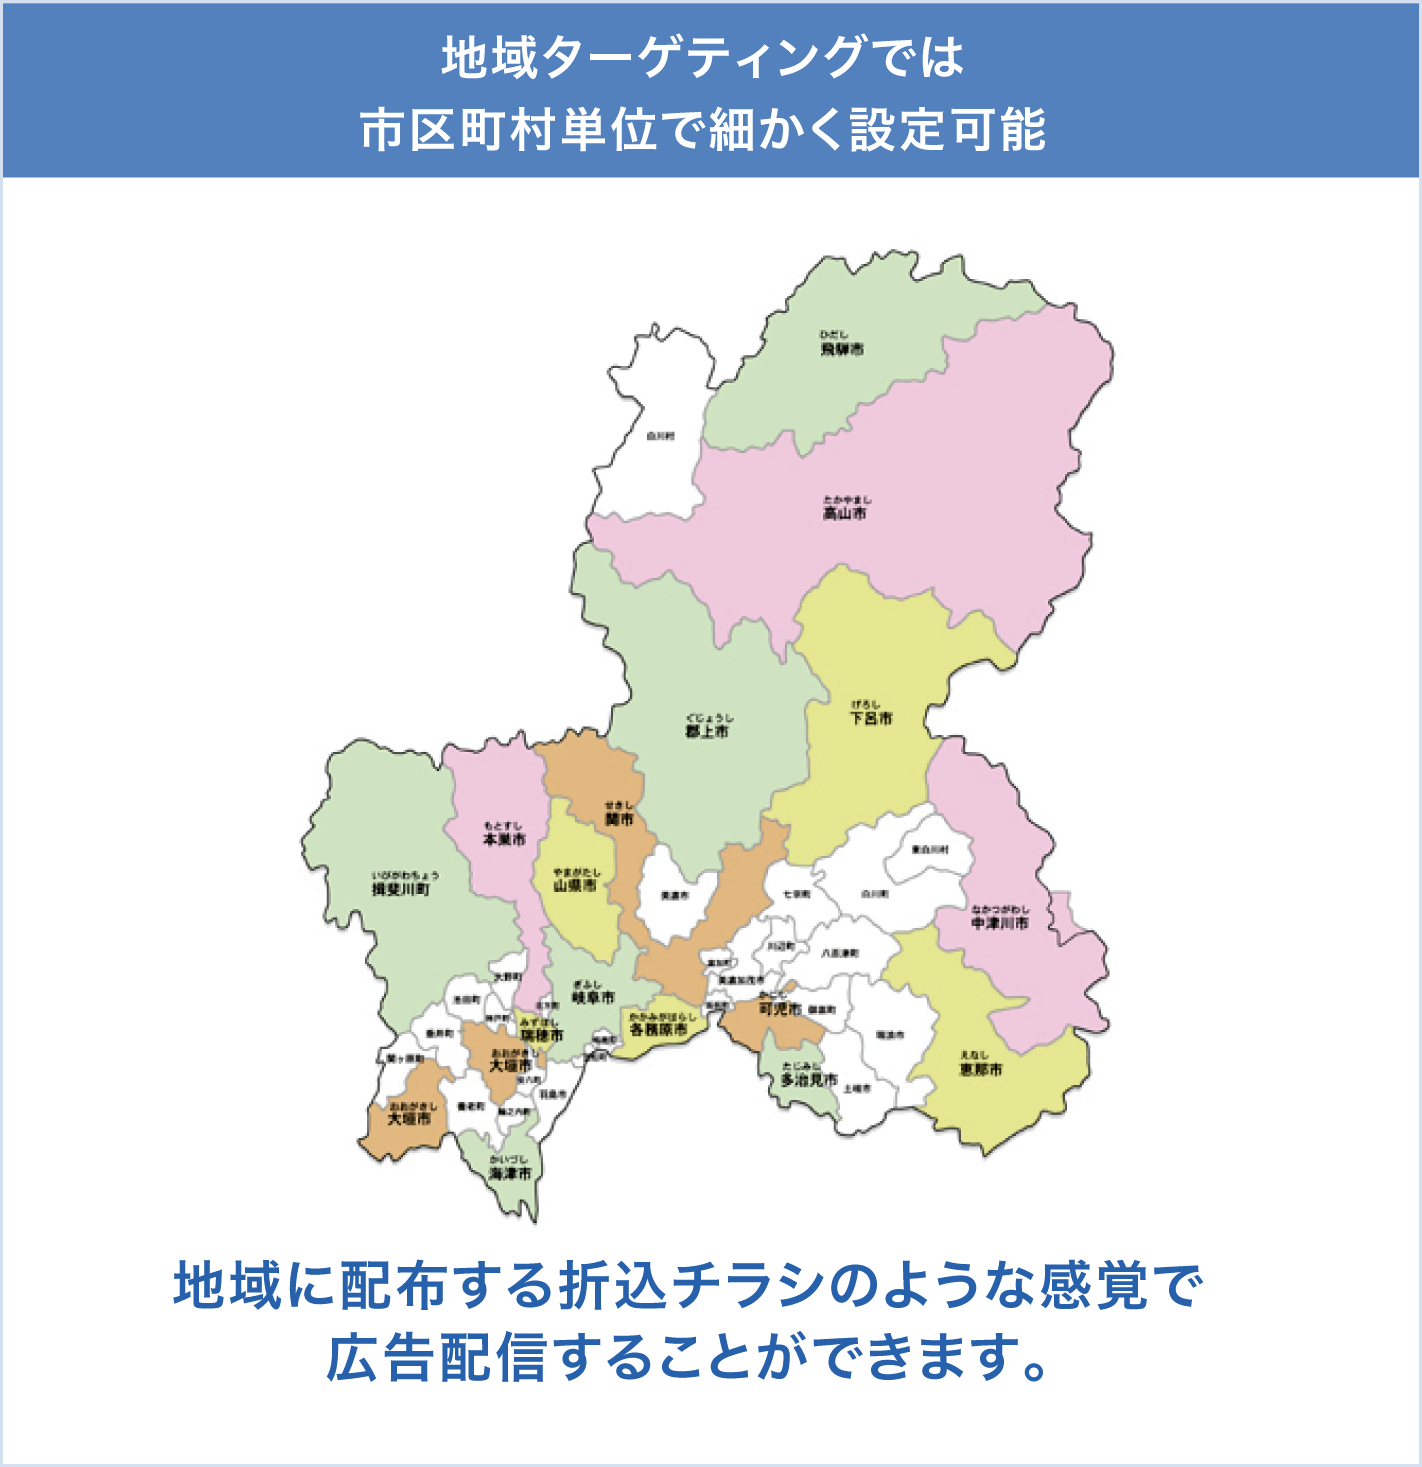 地域ターゲティングでは 市区町村単位で細かく設定可能